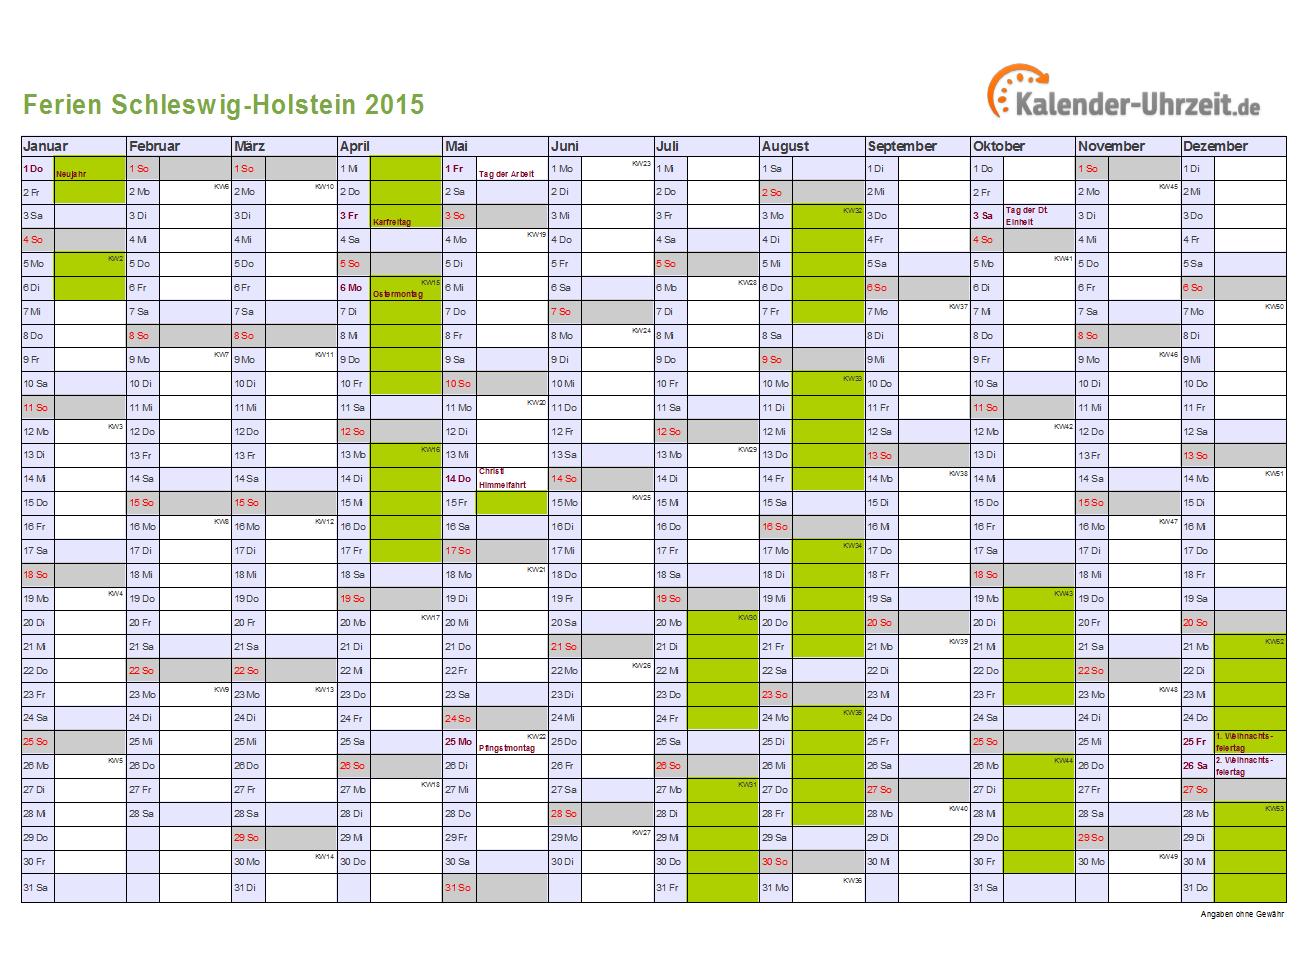 Ferienkalender 2015 für Schleswig-Holstein - A4 quer-einseitig